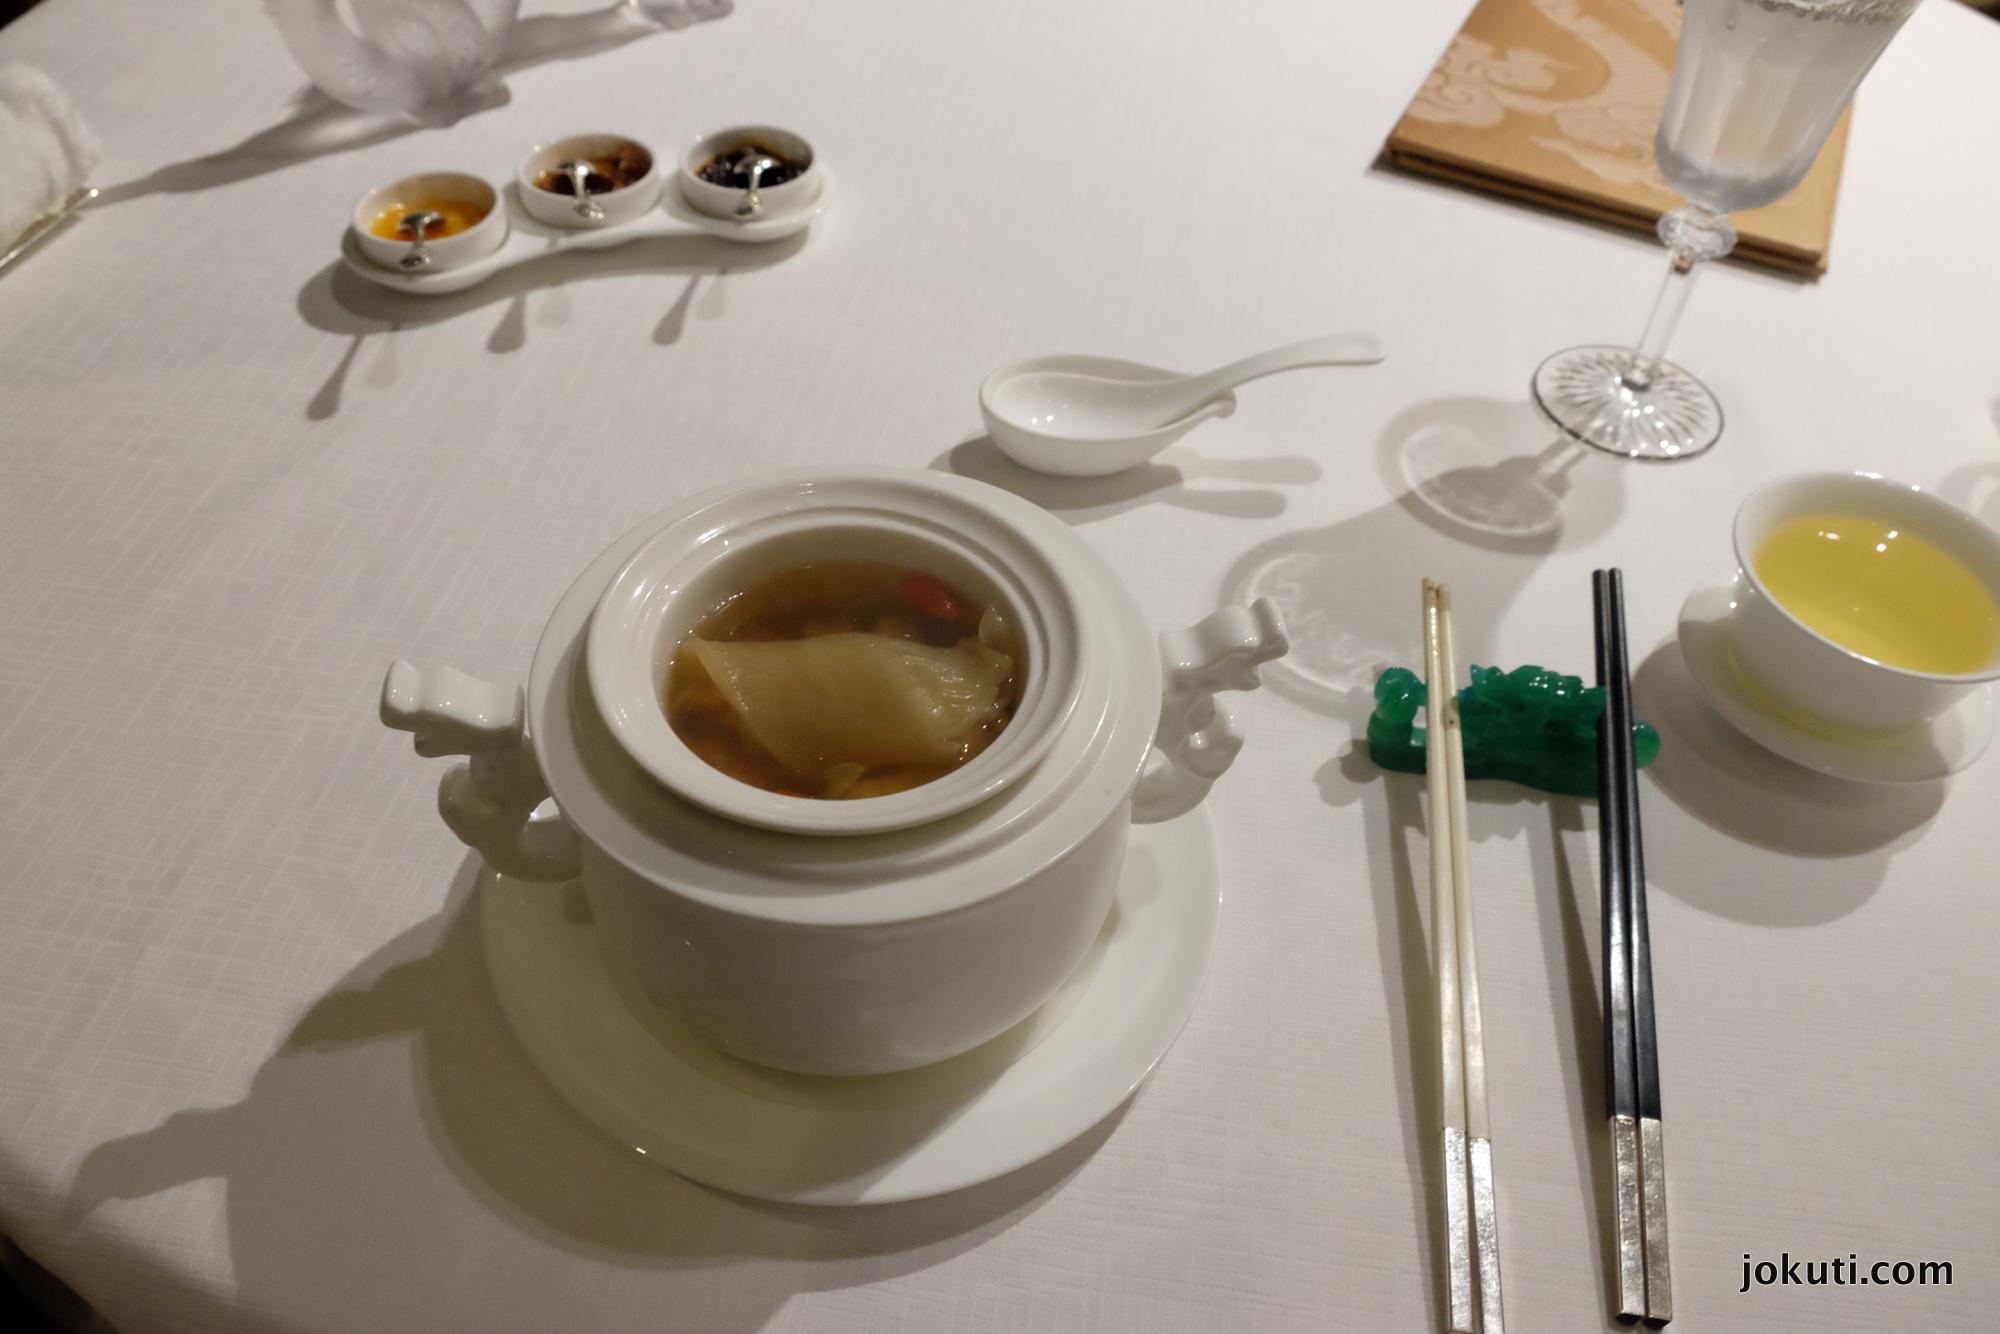 dscf6845_jade_dragon_restaurant_cantonese_chinese_michelin_macau_makao_china_kinai_vilagevo_jokuti.jpg